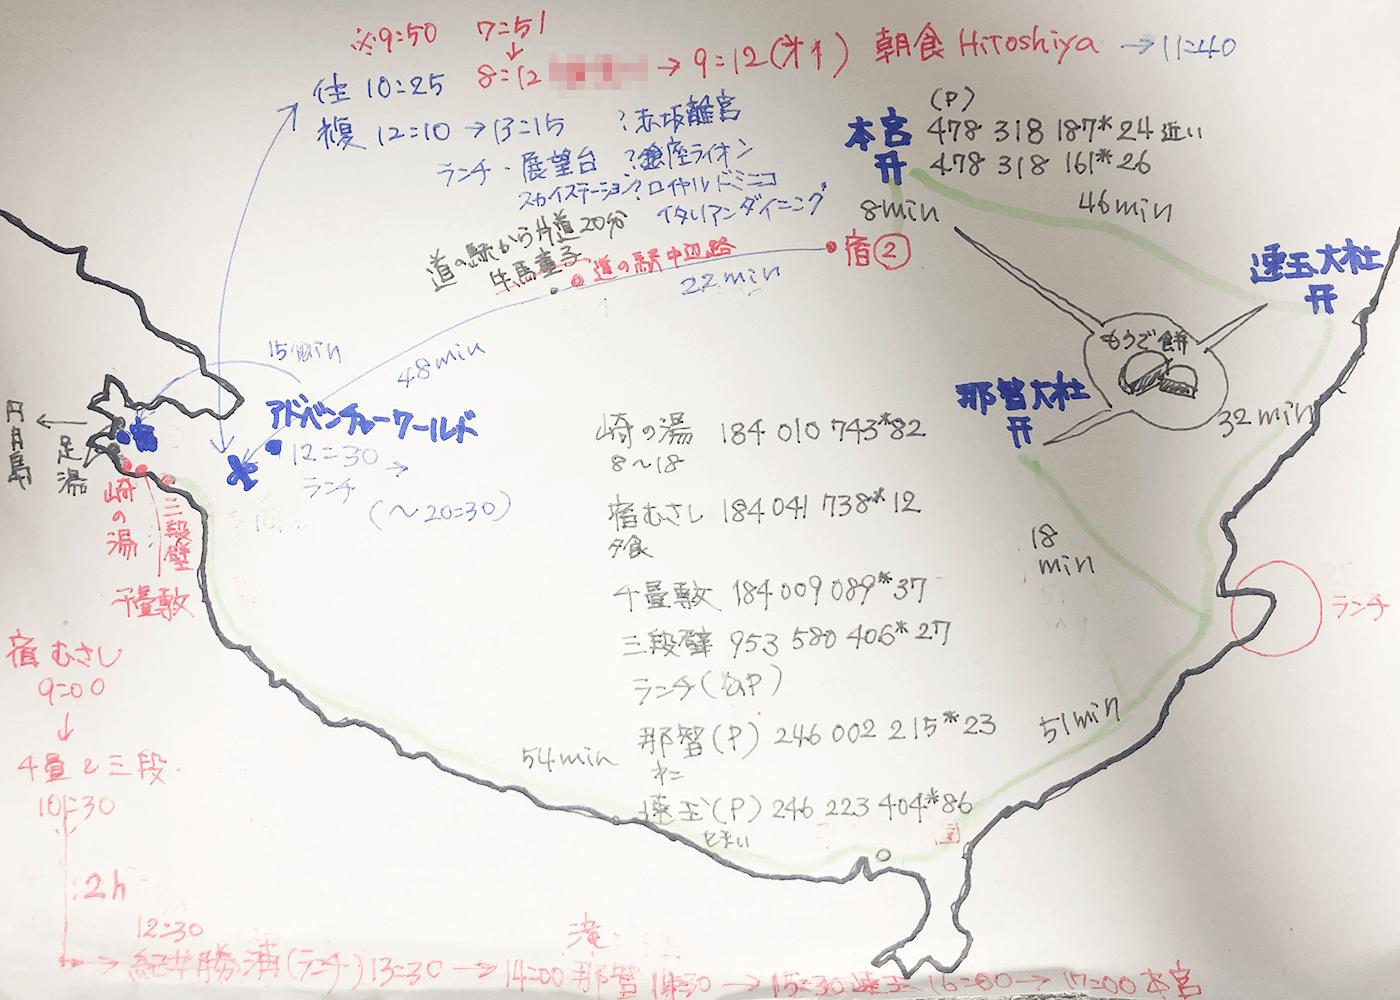 和歌山、パンダと熊野三山への旅 -旅のプラン